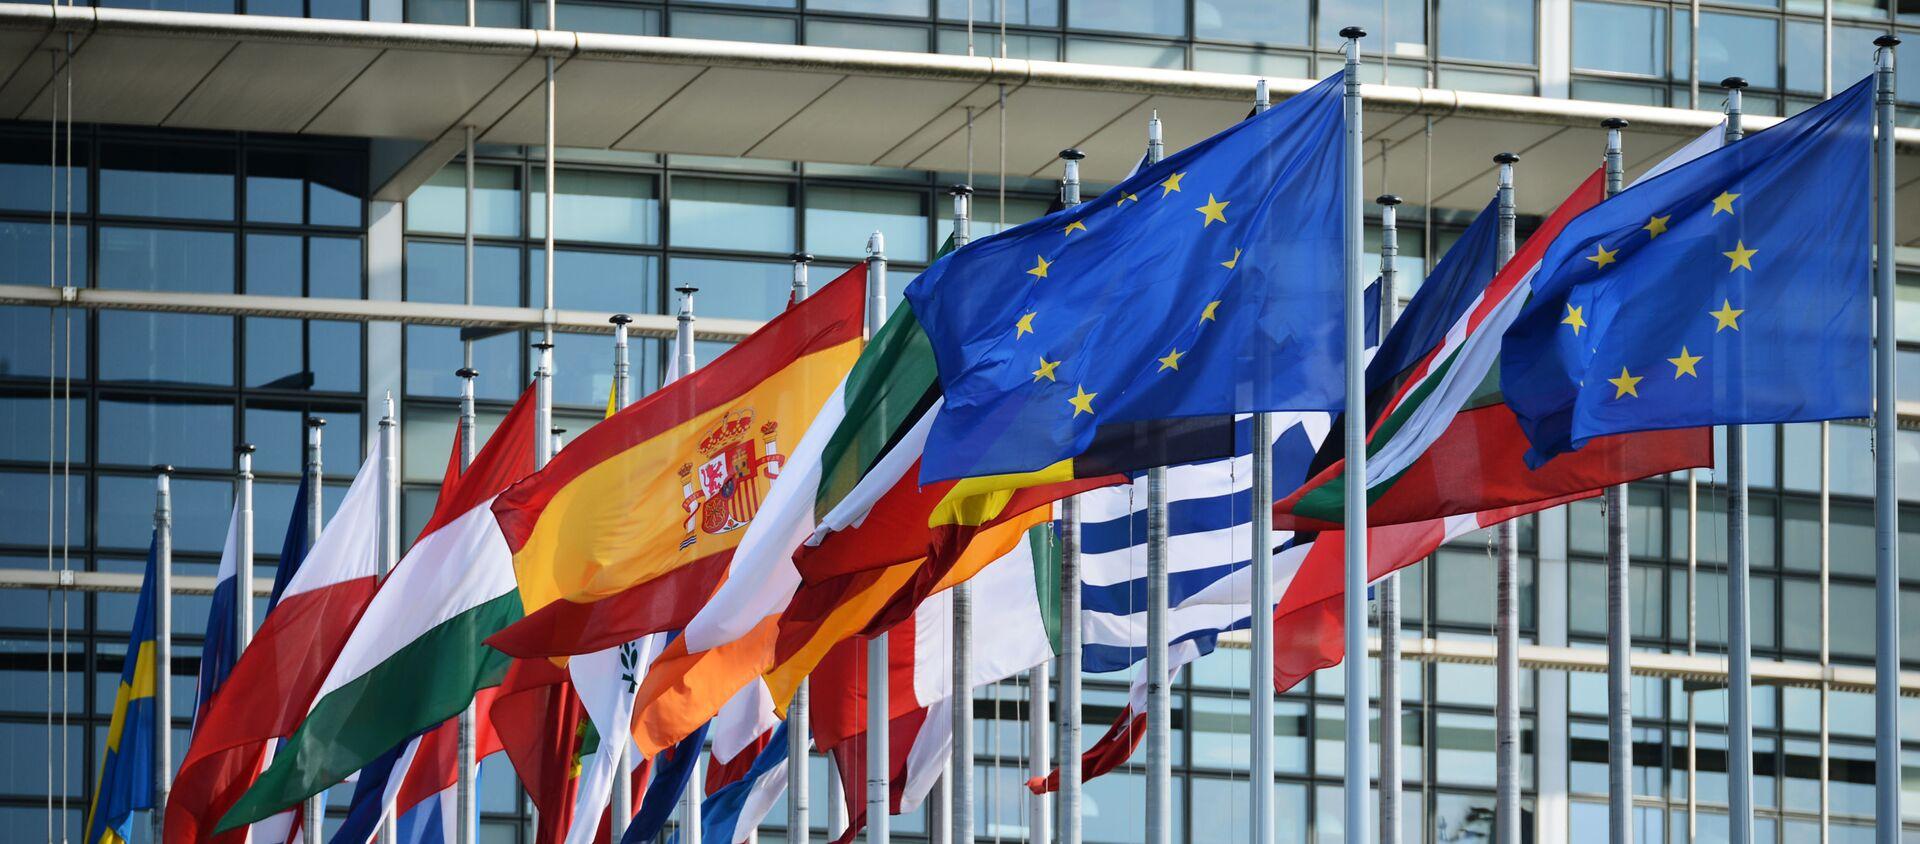 Flagi przy budynku Parlamentu Europejskiego w Strasburgu - Sputnik Polska, 1920, 16.05.2021